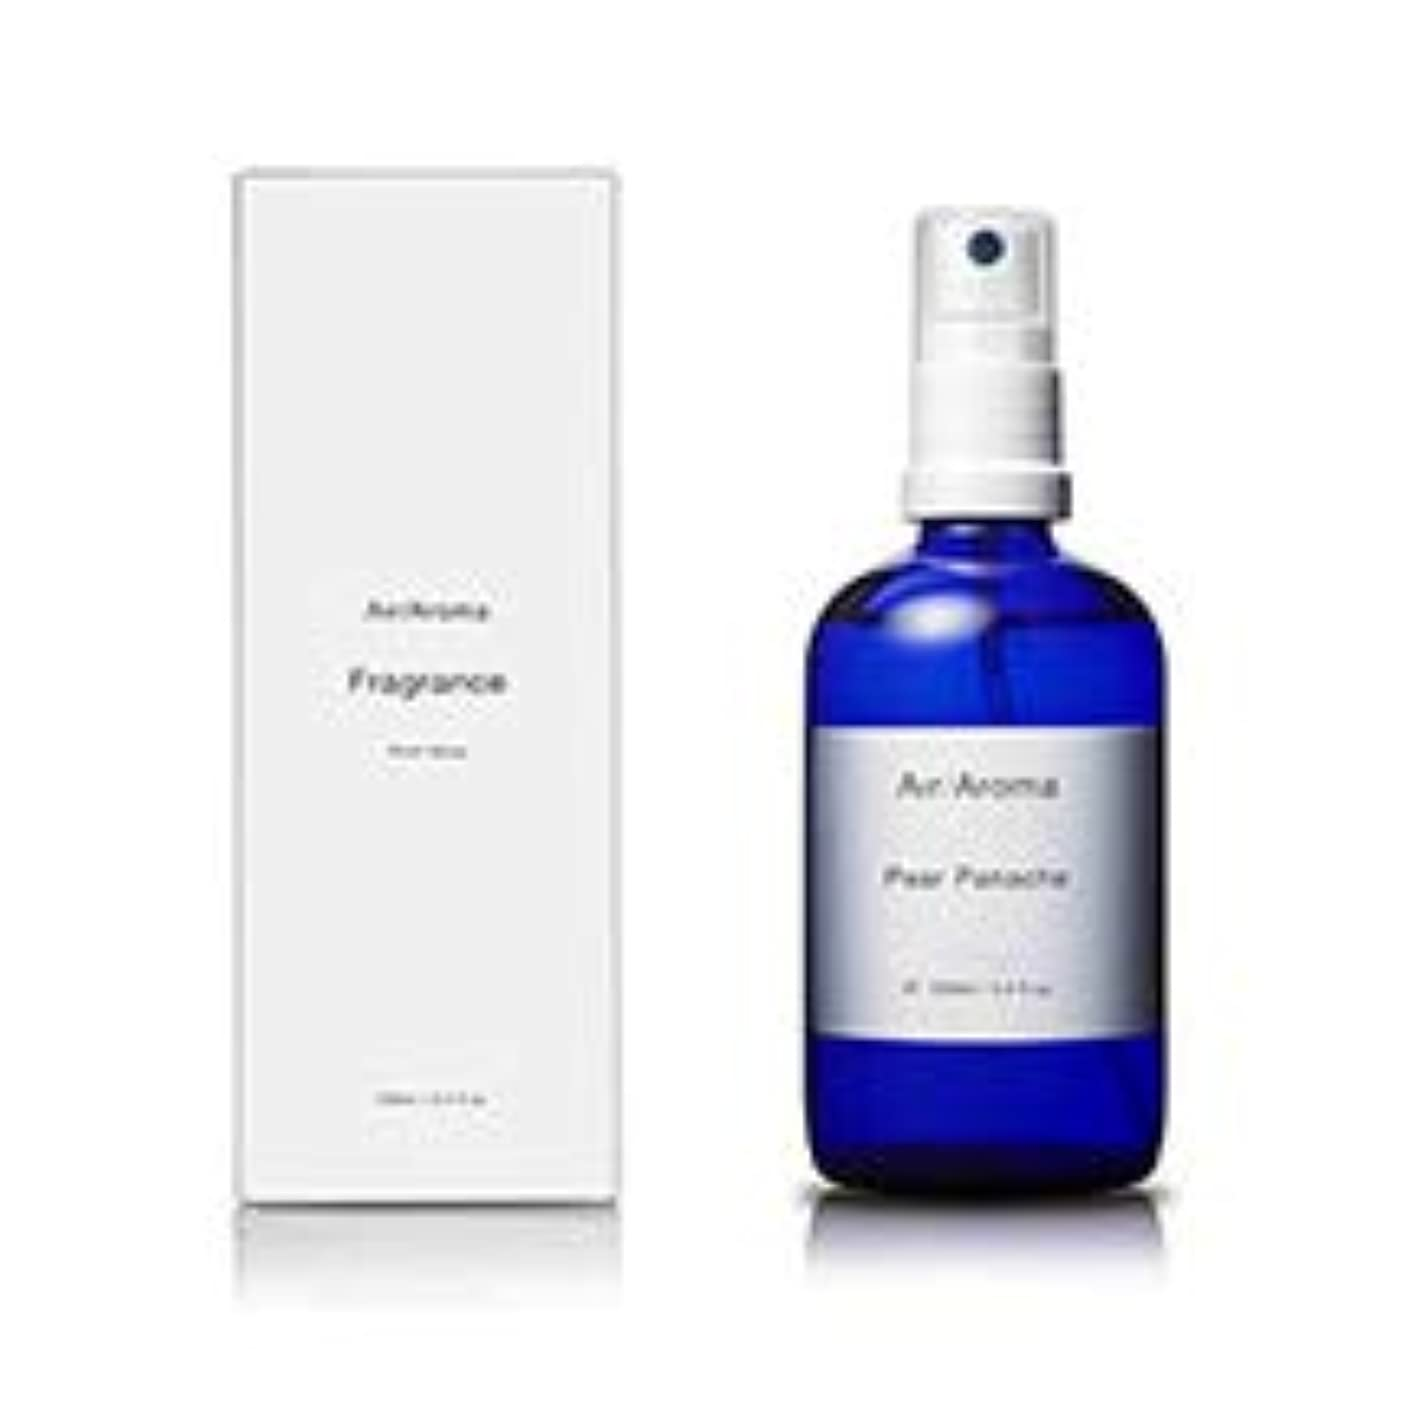 専門知識溢れんばかりのヒステリックエアアロマ pear panache room fragrance (ペアパナシェ ルームフレグランス) 100ml